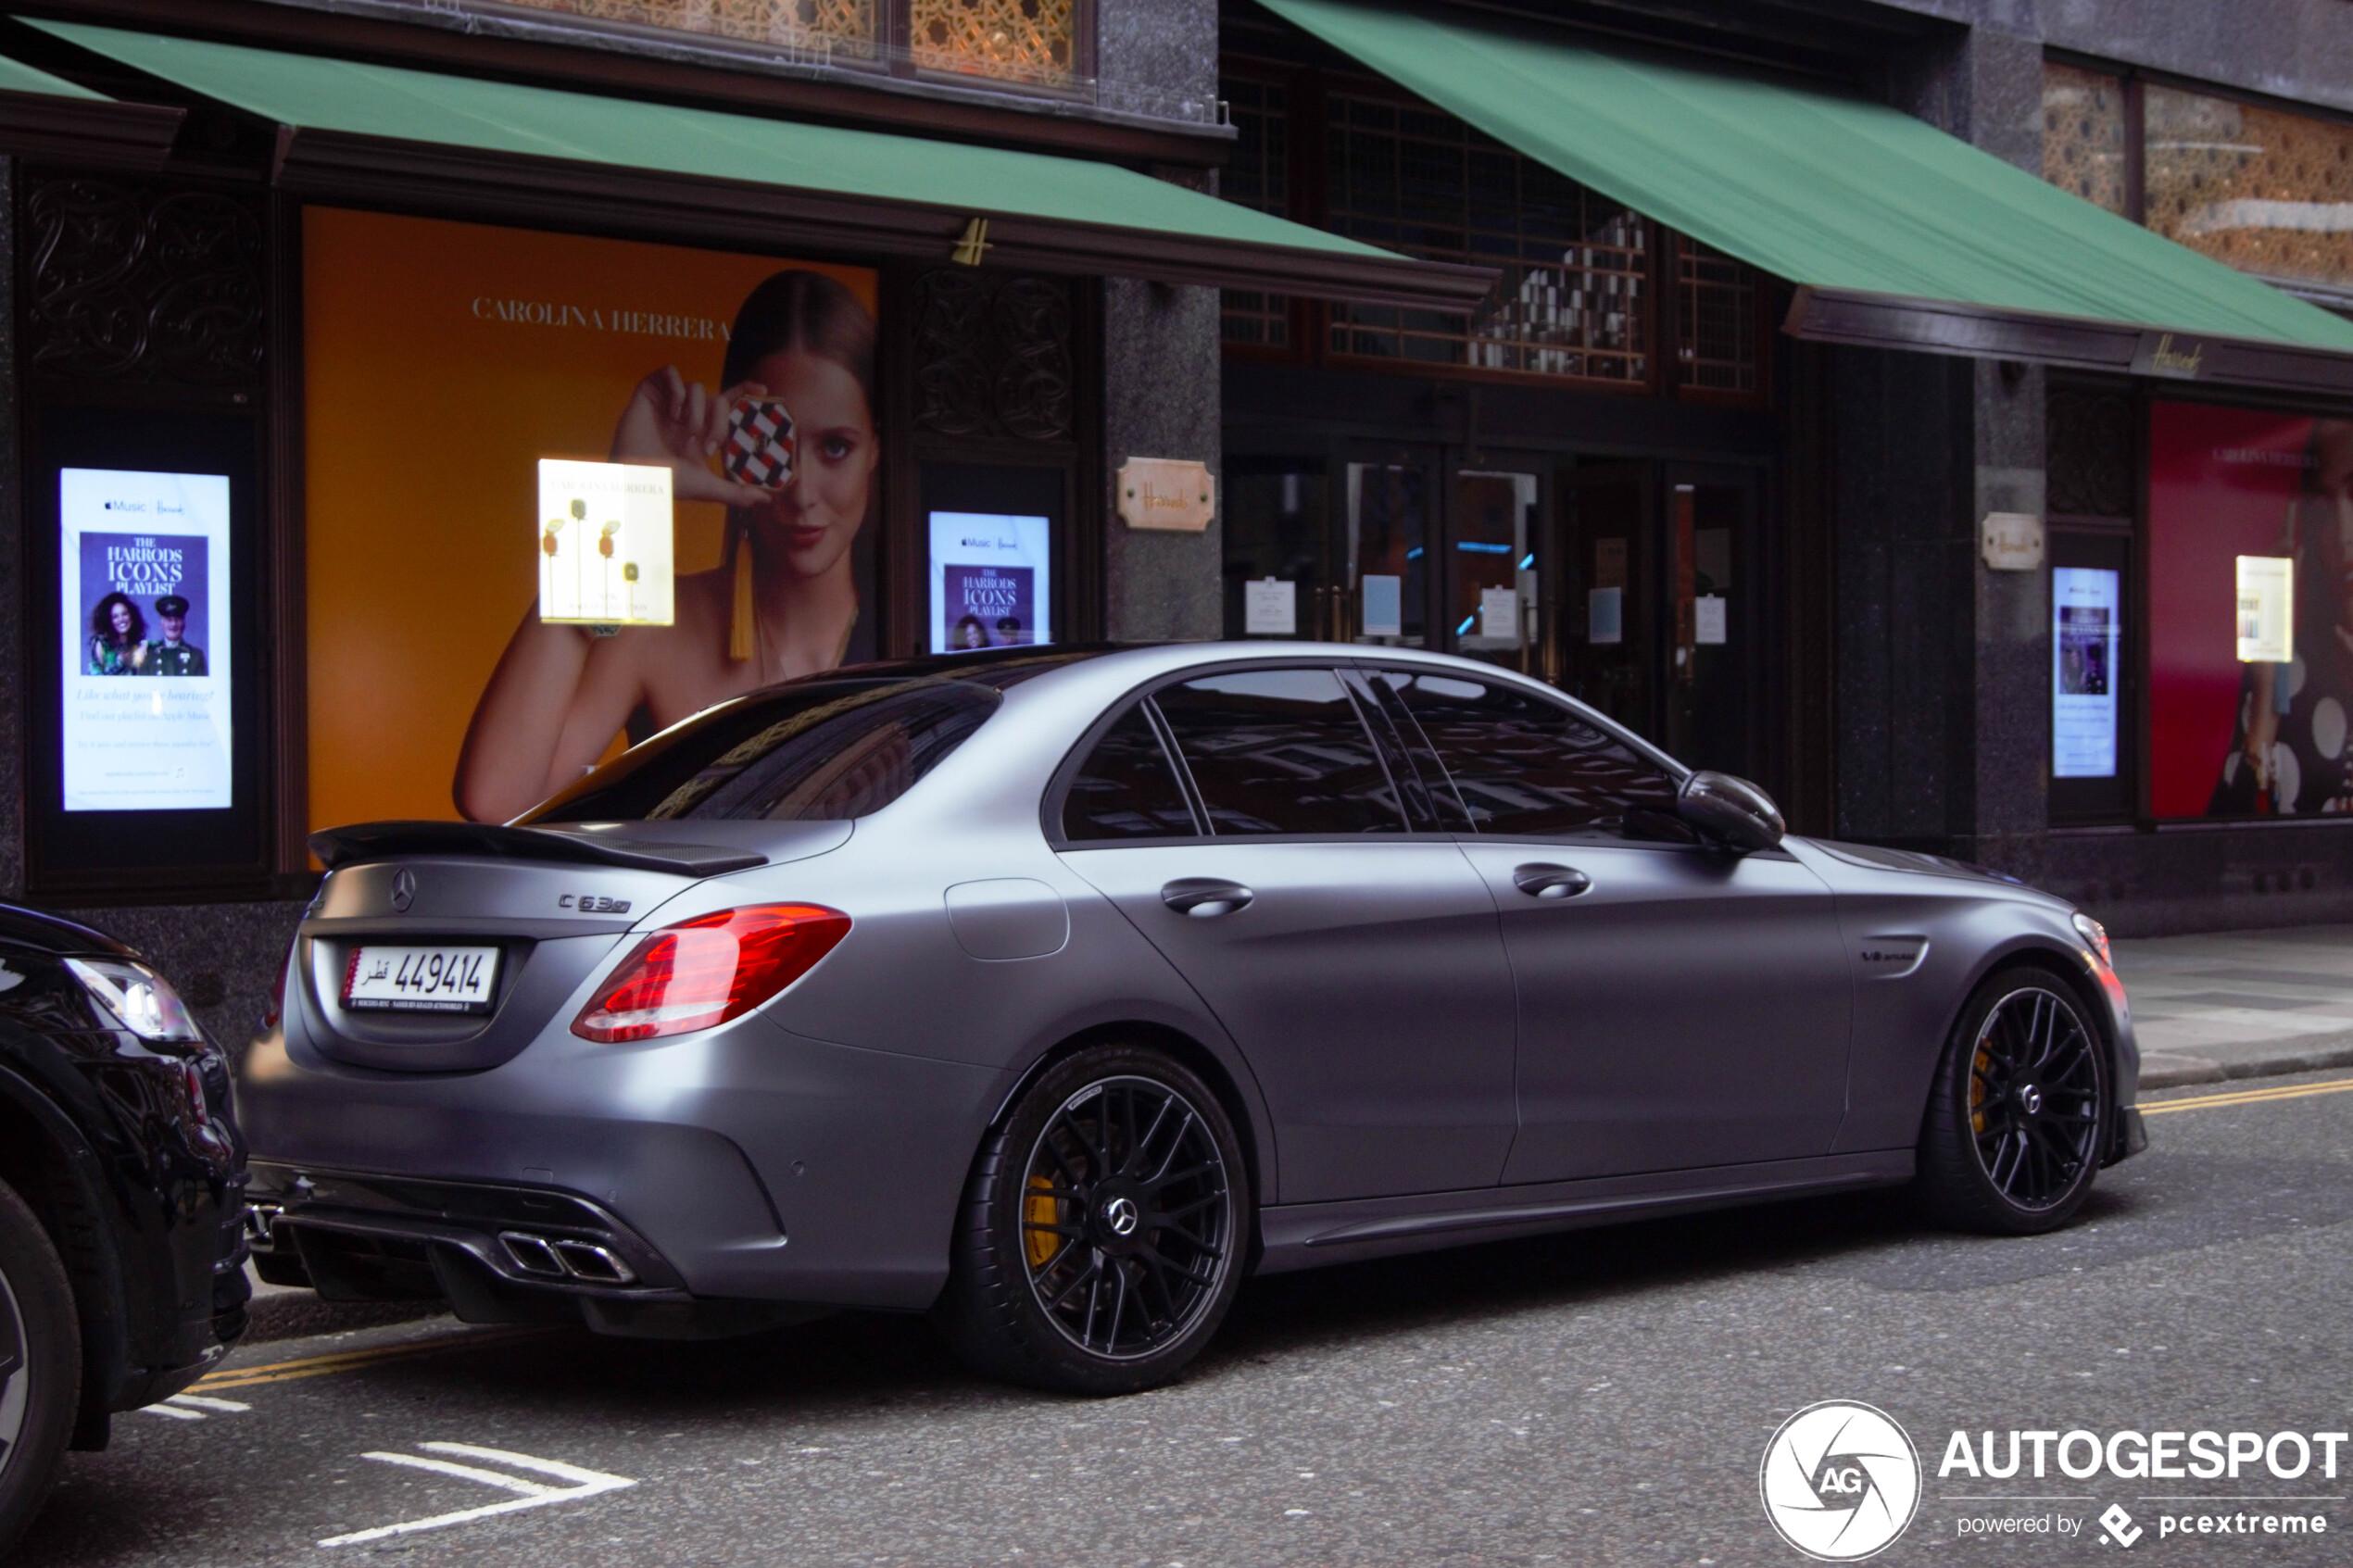 Mercedes-AMG C 63 S heeft speciaal motorkapje